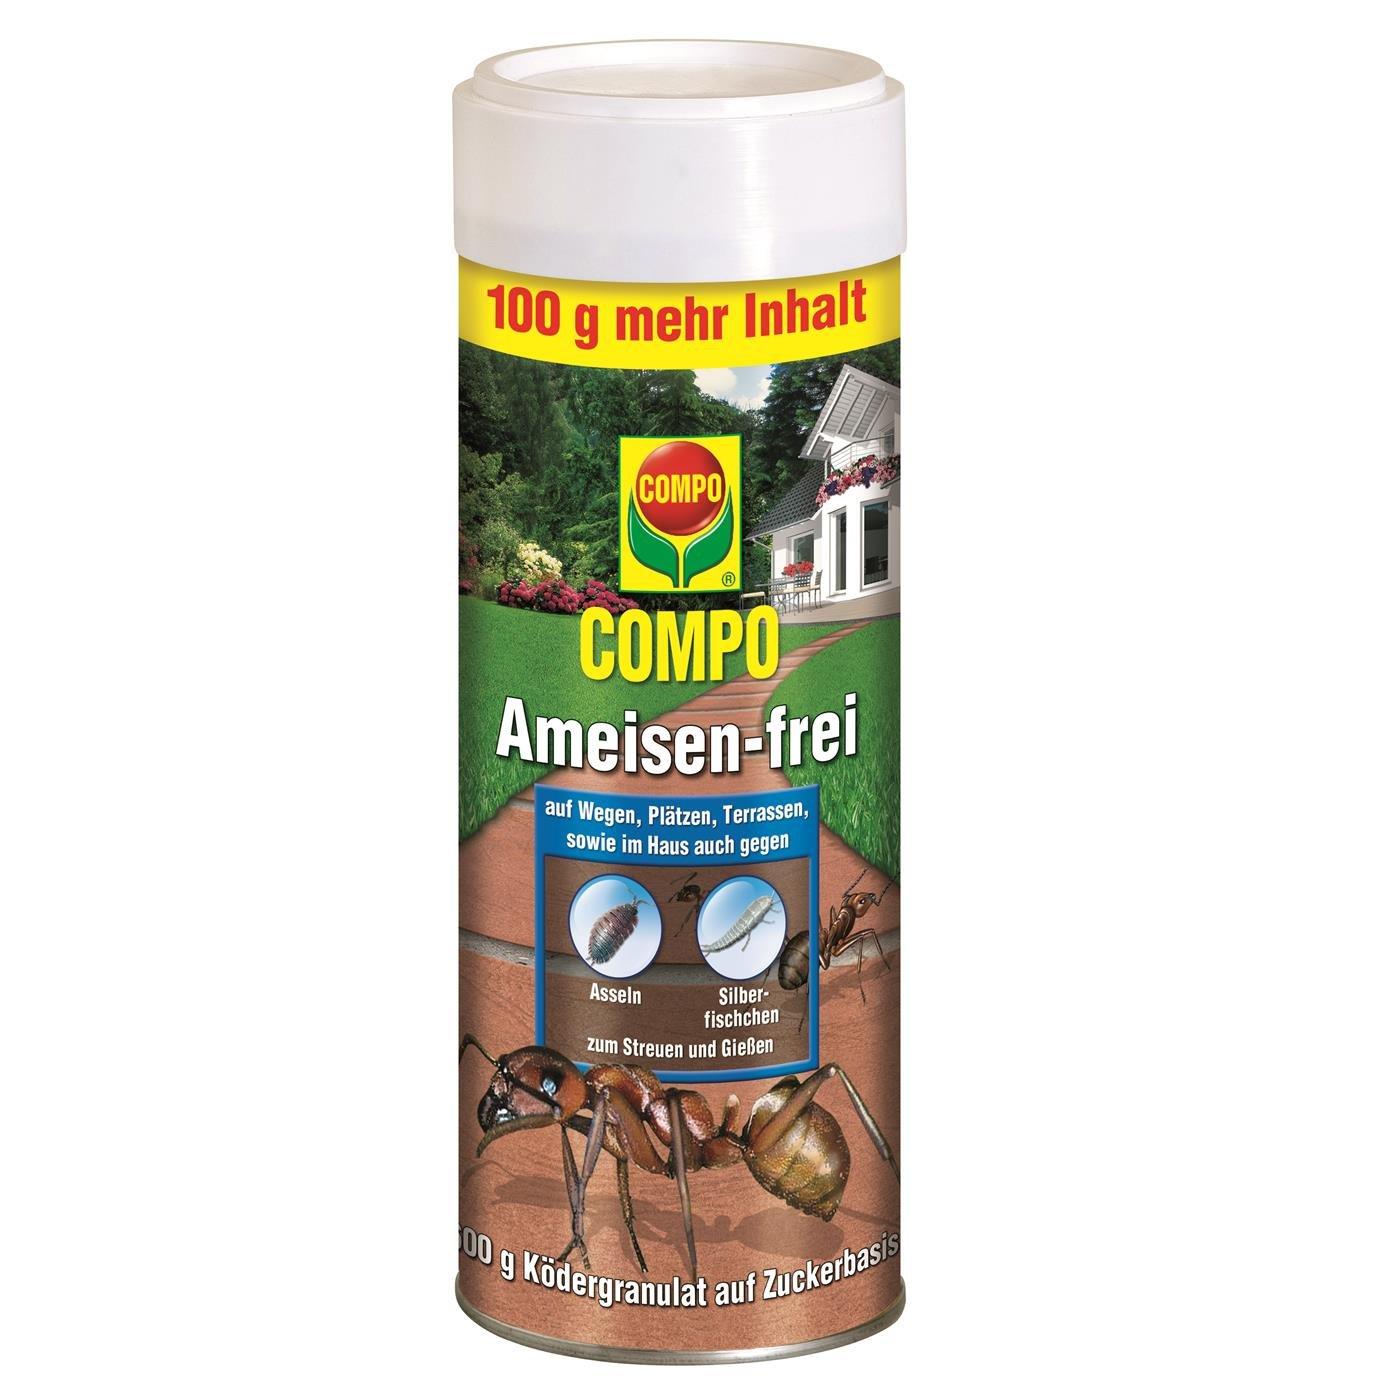 COMPO Ameisen-frei, Staubfreies Ködergranulat mit Nestwirkung, 300 g 16484 B0007VK1WY Insektenschutz